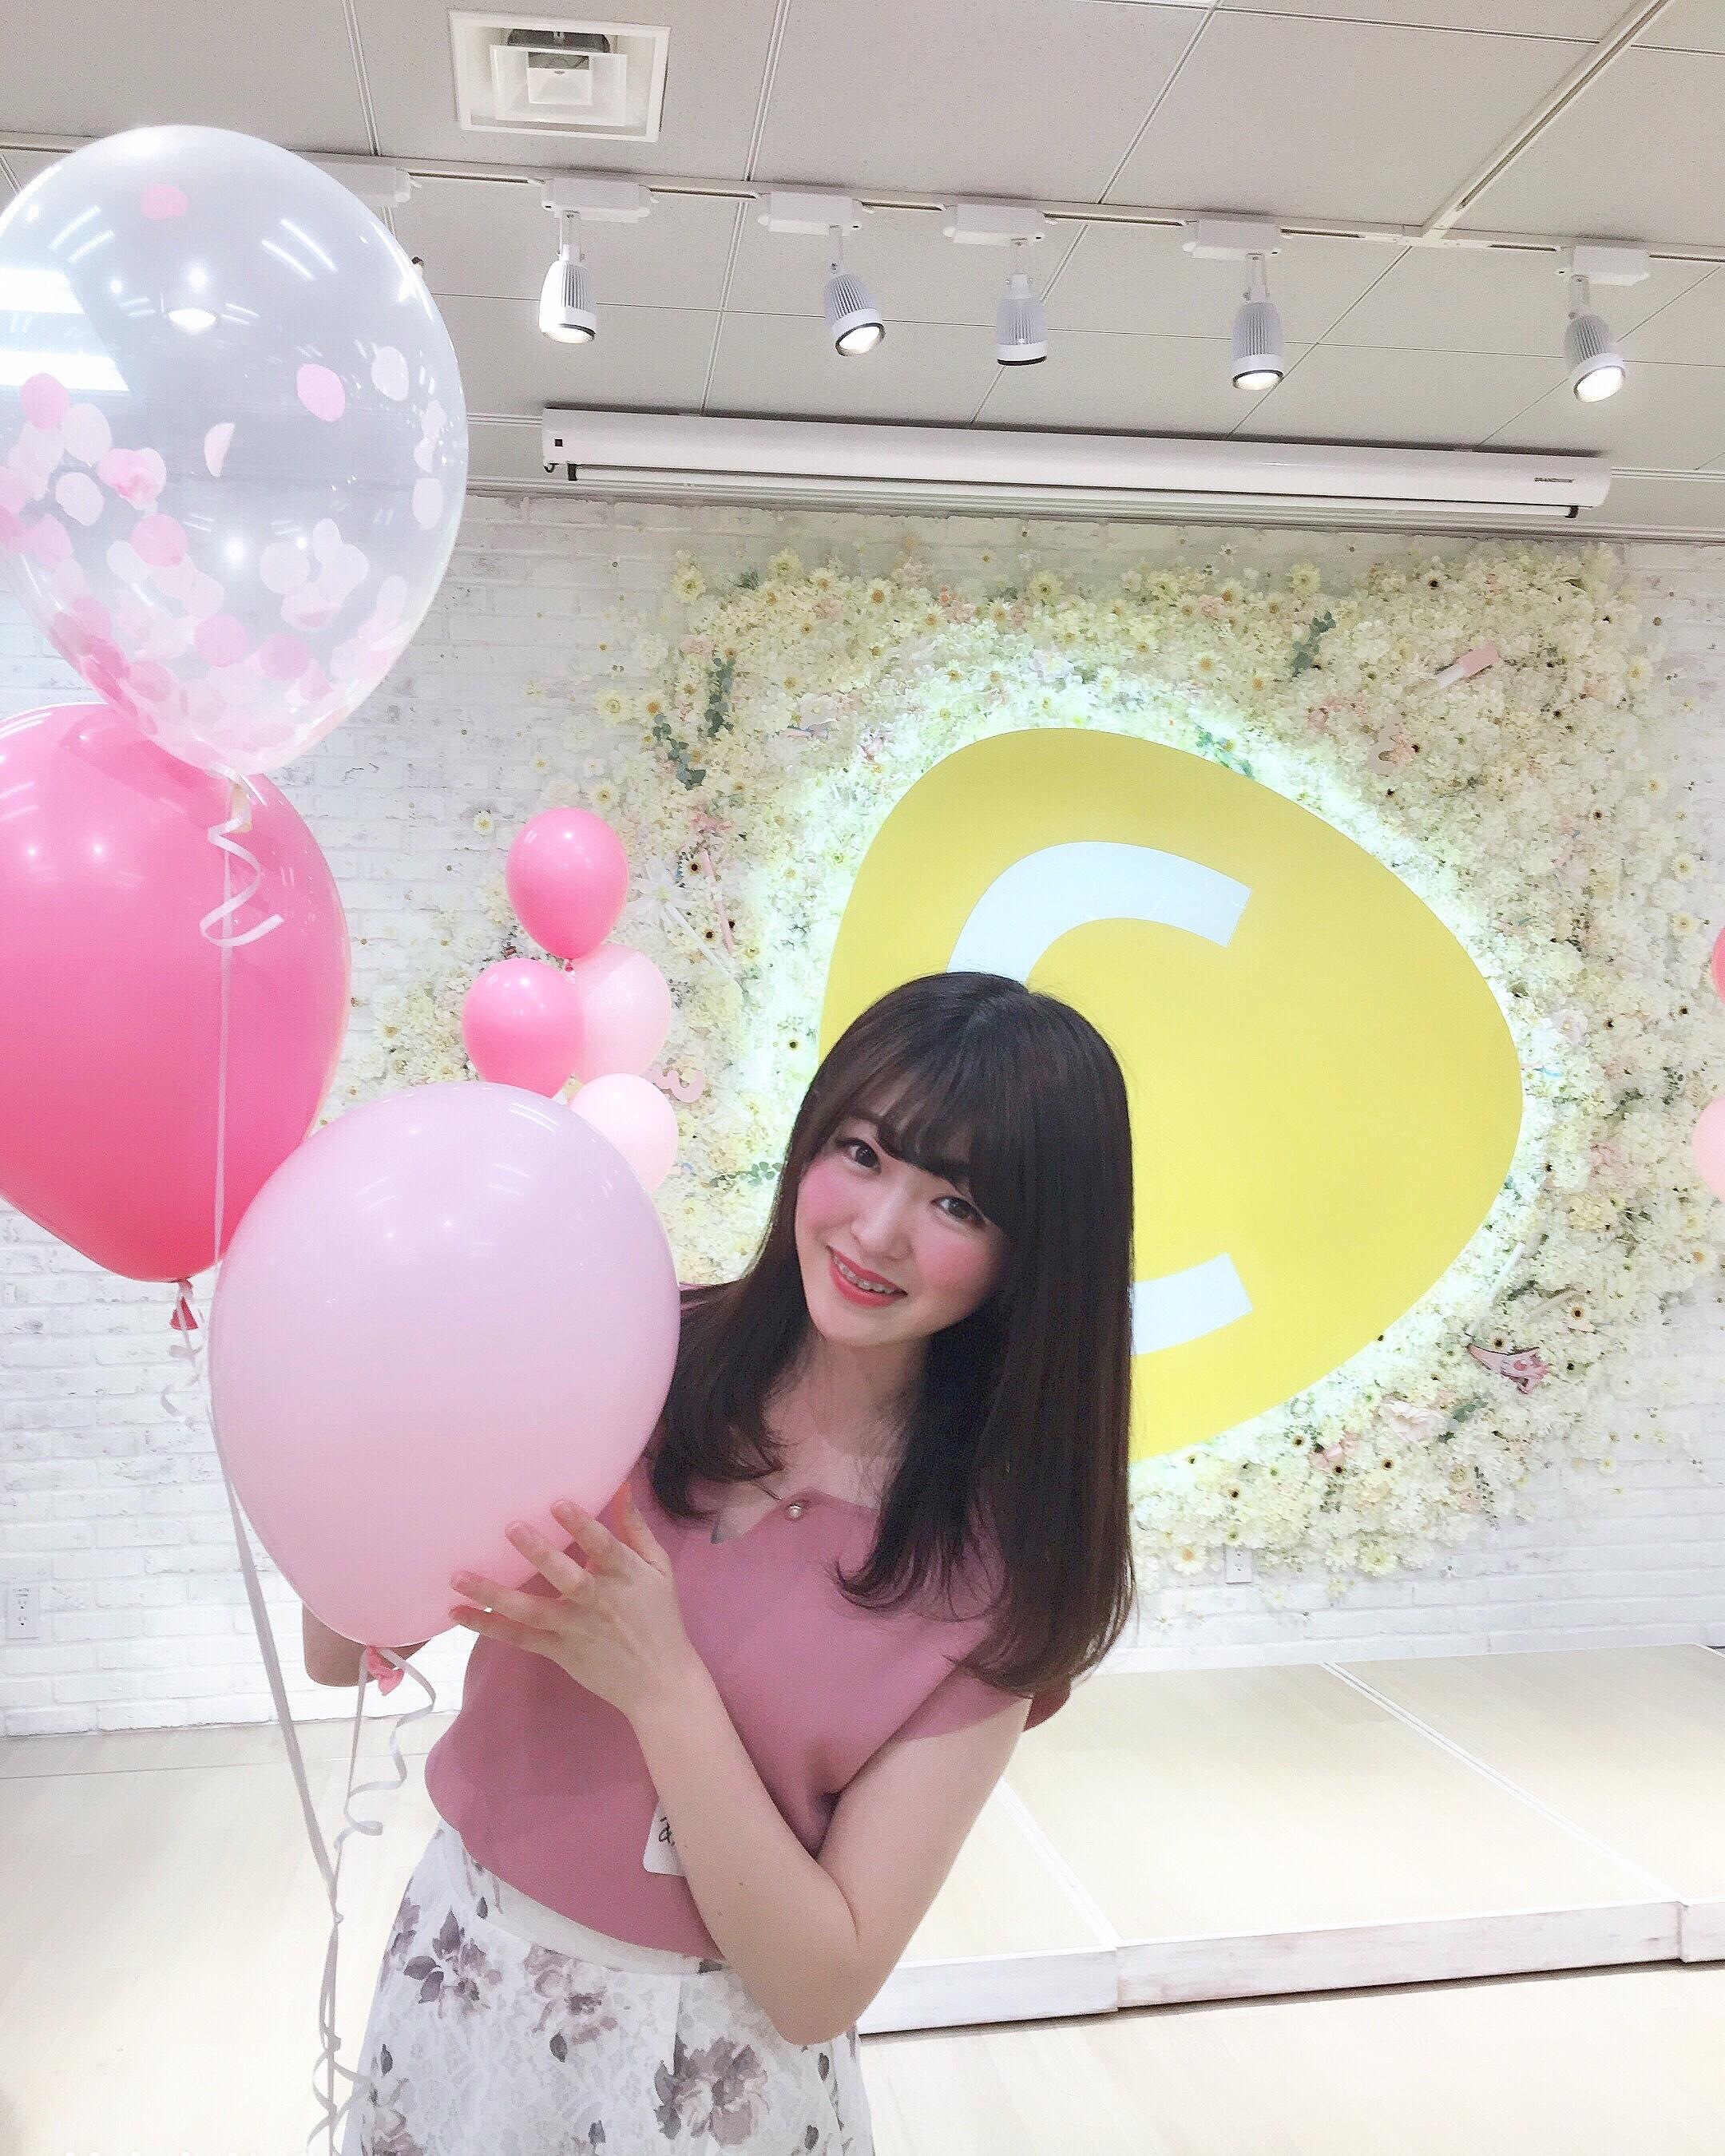 Cチャンネルblossom party2019に行って来ました♡_1_1